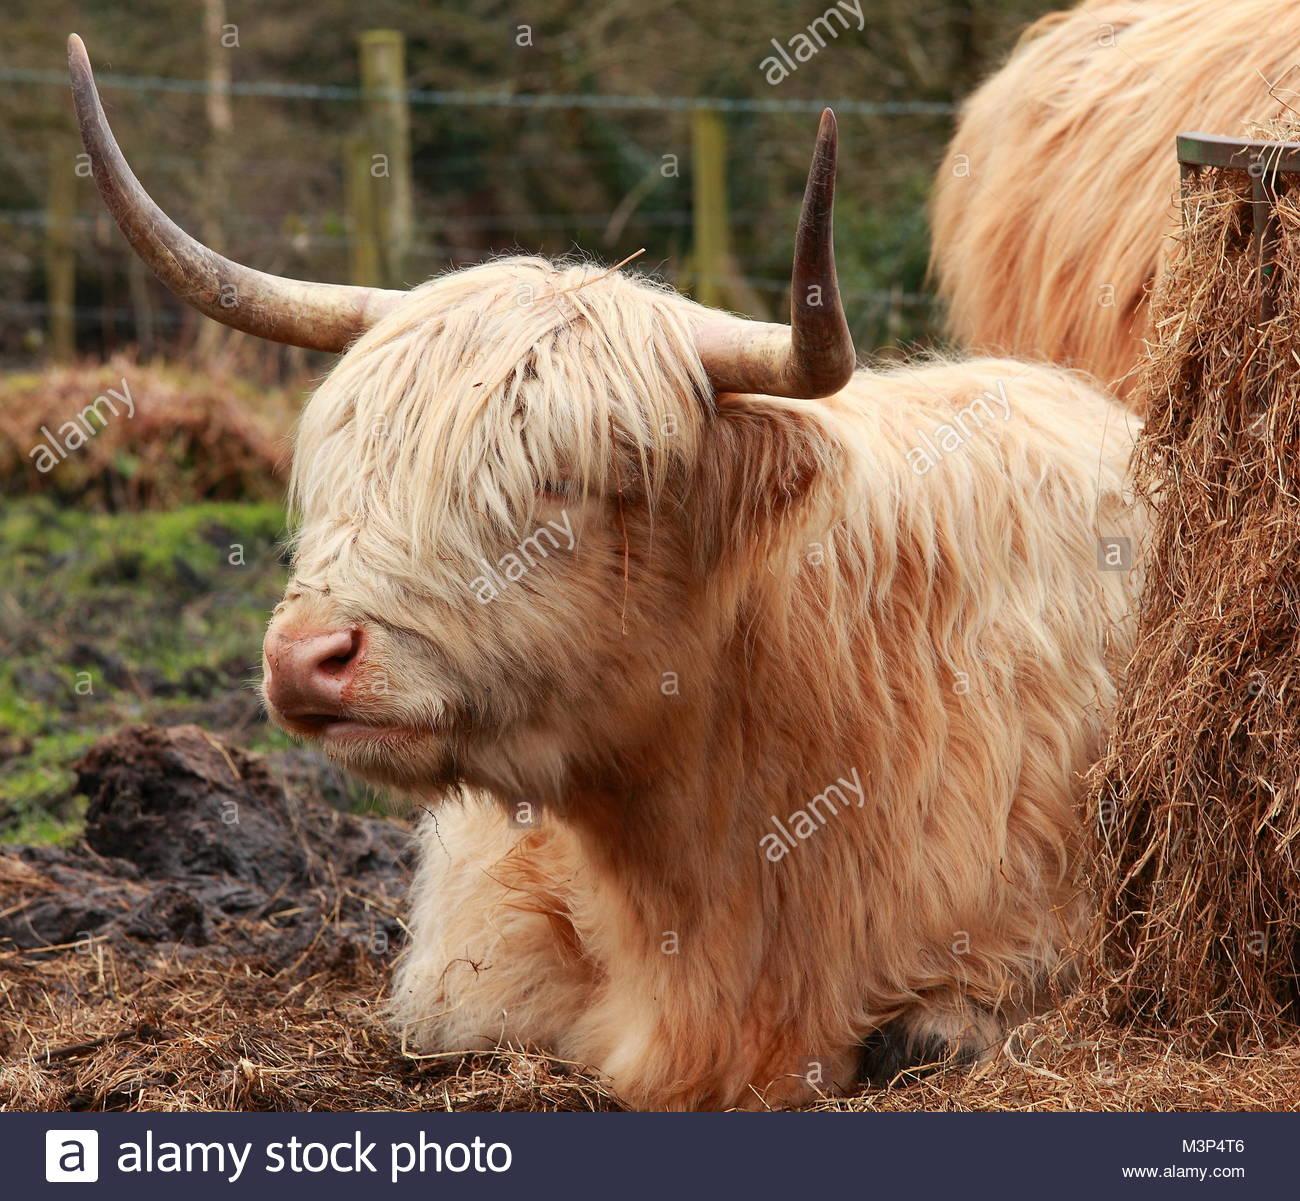 Highland Cattle February 2018 - Stock Image